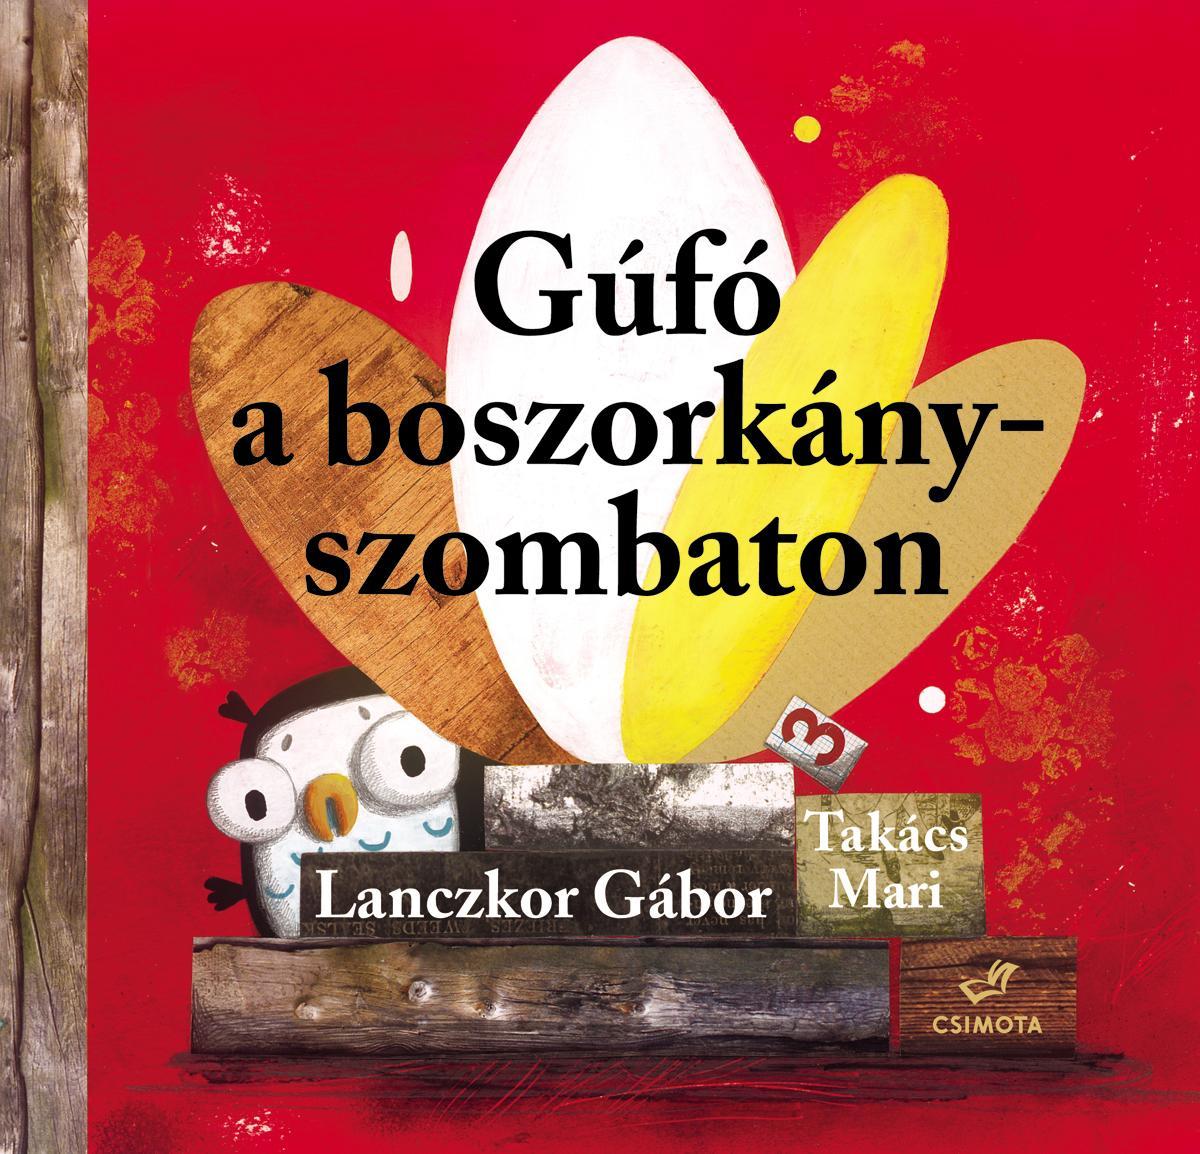 LANCZKOR GÁBOR - TAKÁCS MARI - GÚFÓ A BOSZORKÁNYSZOMBATON - ÜKH-2017